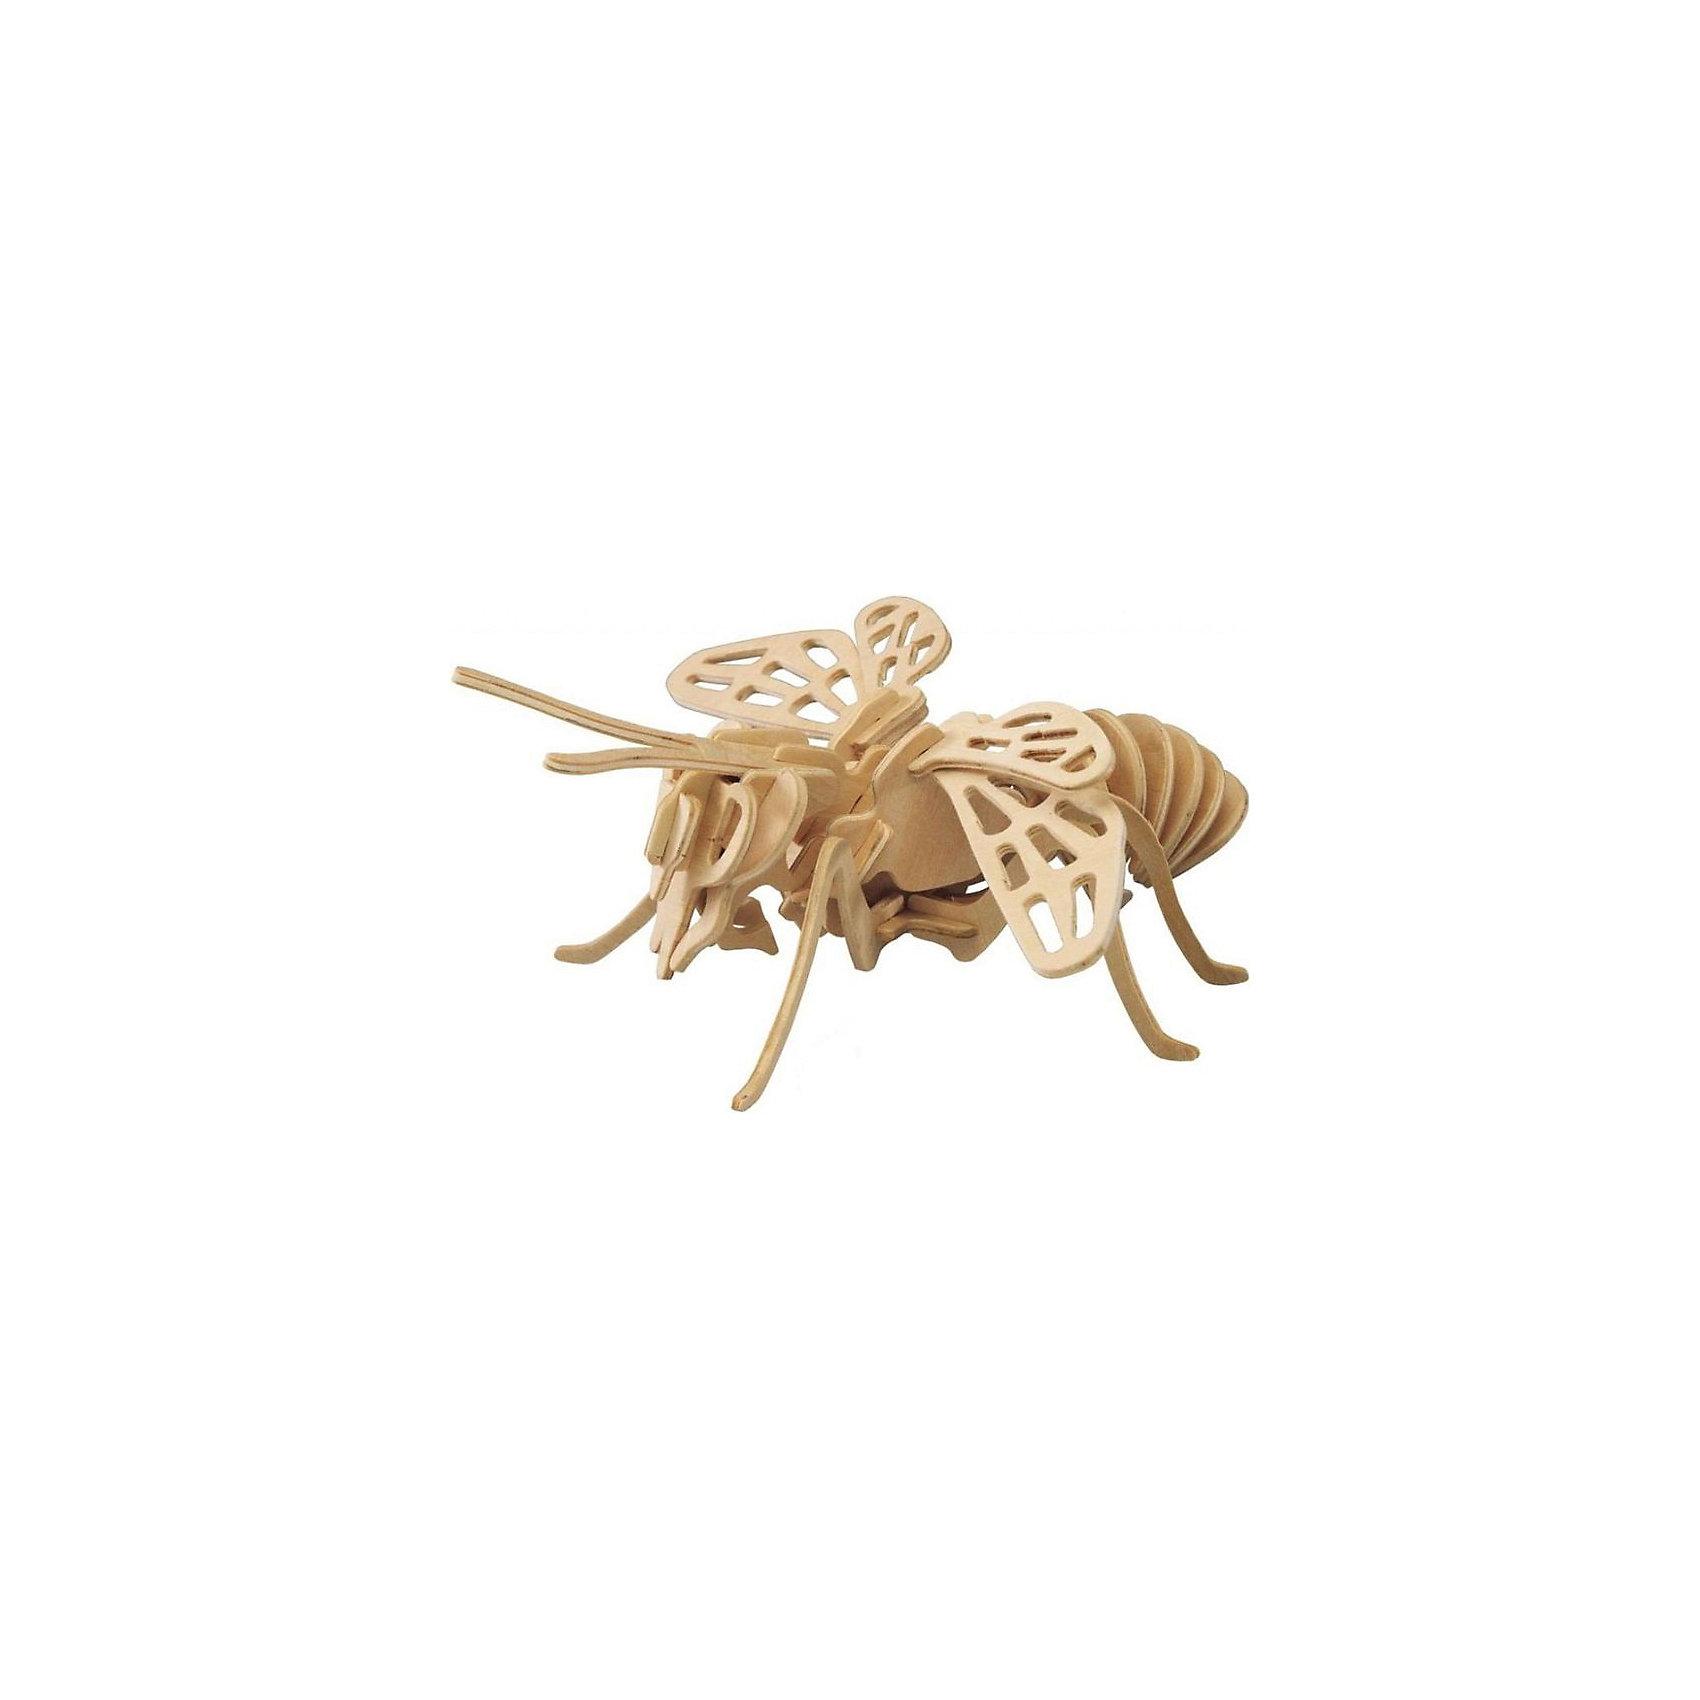 Пчела, Мир деревянных игрушекСделать деревянную игрушку самому - какой ребенок откажется от этого?! Специально для любящих творчество и интересующихся животным миром были разработаны эти 3D-пазлы. Из них получаются красивые очень реалистичные фигуры, которые могут стать украшением комнаты.<br>Собирая их, ребенок будет учиться соотносить фигуры, развивать пространственное мышление, память и мелкую моторику. А раскрашивая готовое произведение, дети научатся подбирать цвета и будут развивать художественные навыки. Этот набор произведен из качественных и безопасных для детей материалов - дерево тщательно обработано.<br><br>Дополнительная информация:<br><br>материал: дерево;<br>цвет: бежевый;<br>элементы: пластины с деталями для сборки;<br>размер пластины: 23 х 18 х 1 см.<br><br>3D-пазл Пчела от бренда Мир деревянных игрушек можно купить в нашем магазине.<br><br>Ширина мм: 220<br>Глубина мм: 30<br>Высота мм: 180<br>Вес г: 400<br>Возраст от месяцев: 36<br>Возраст до месяцев: 144<br>Пол: Унисекс<br>Возраст: Детский<br>SKU: 4969013